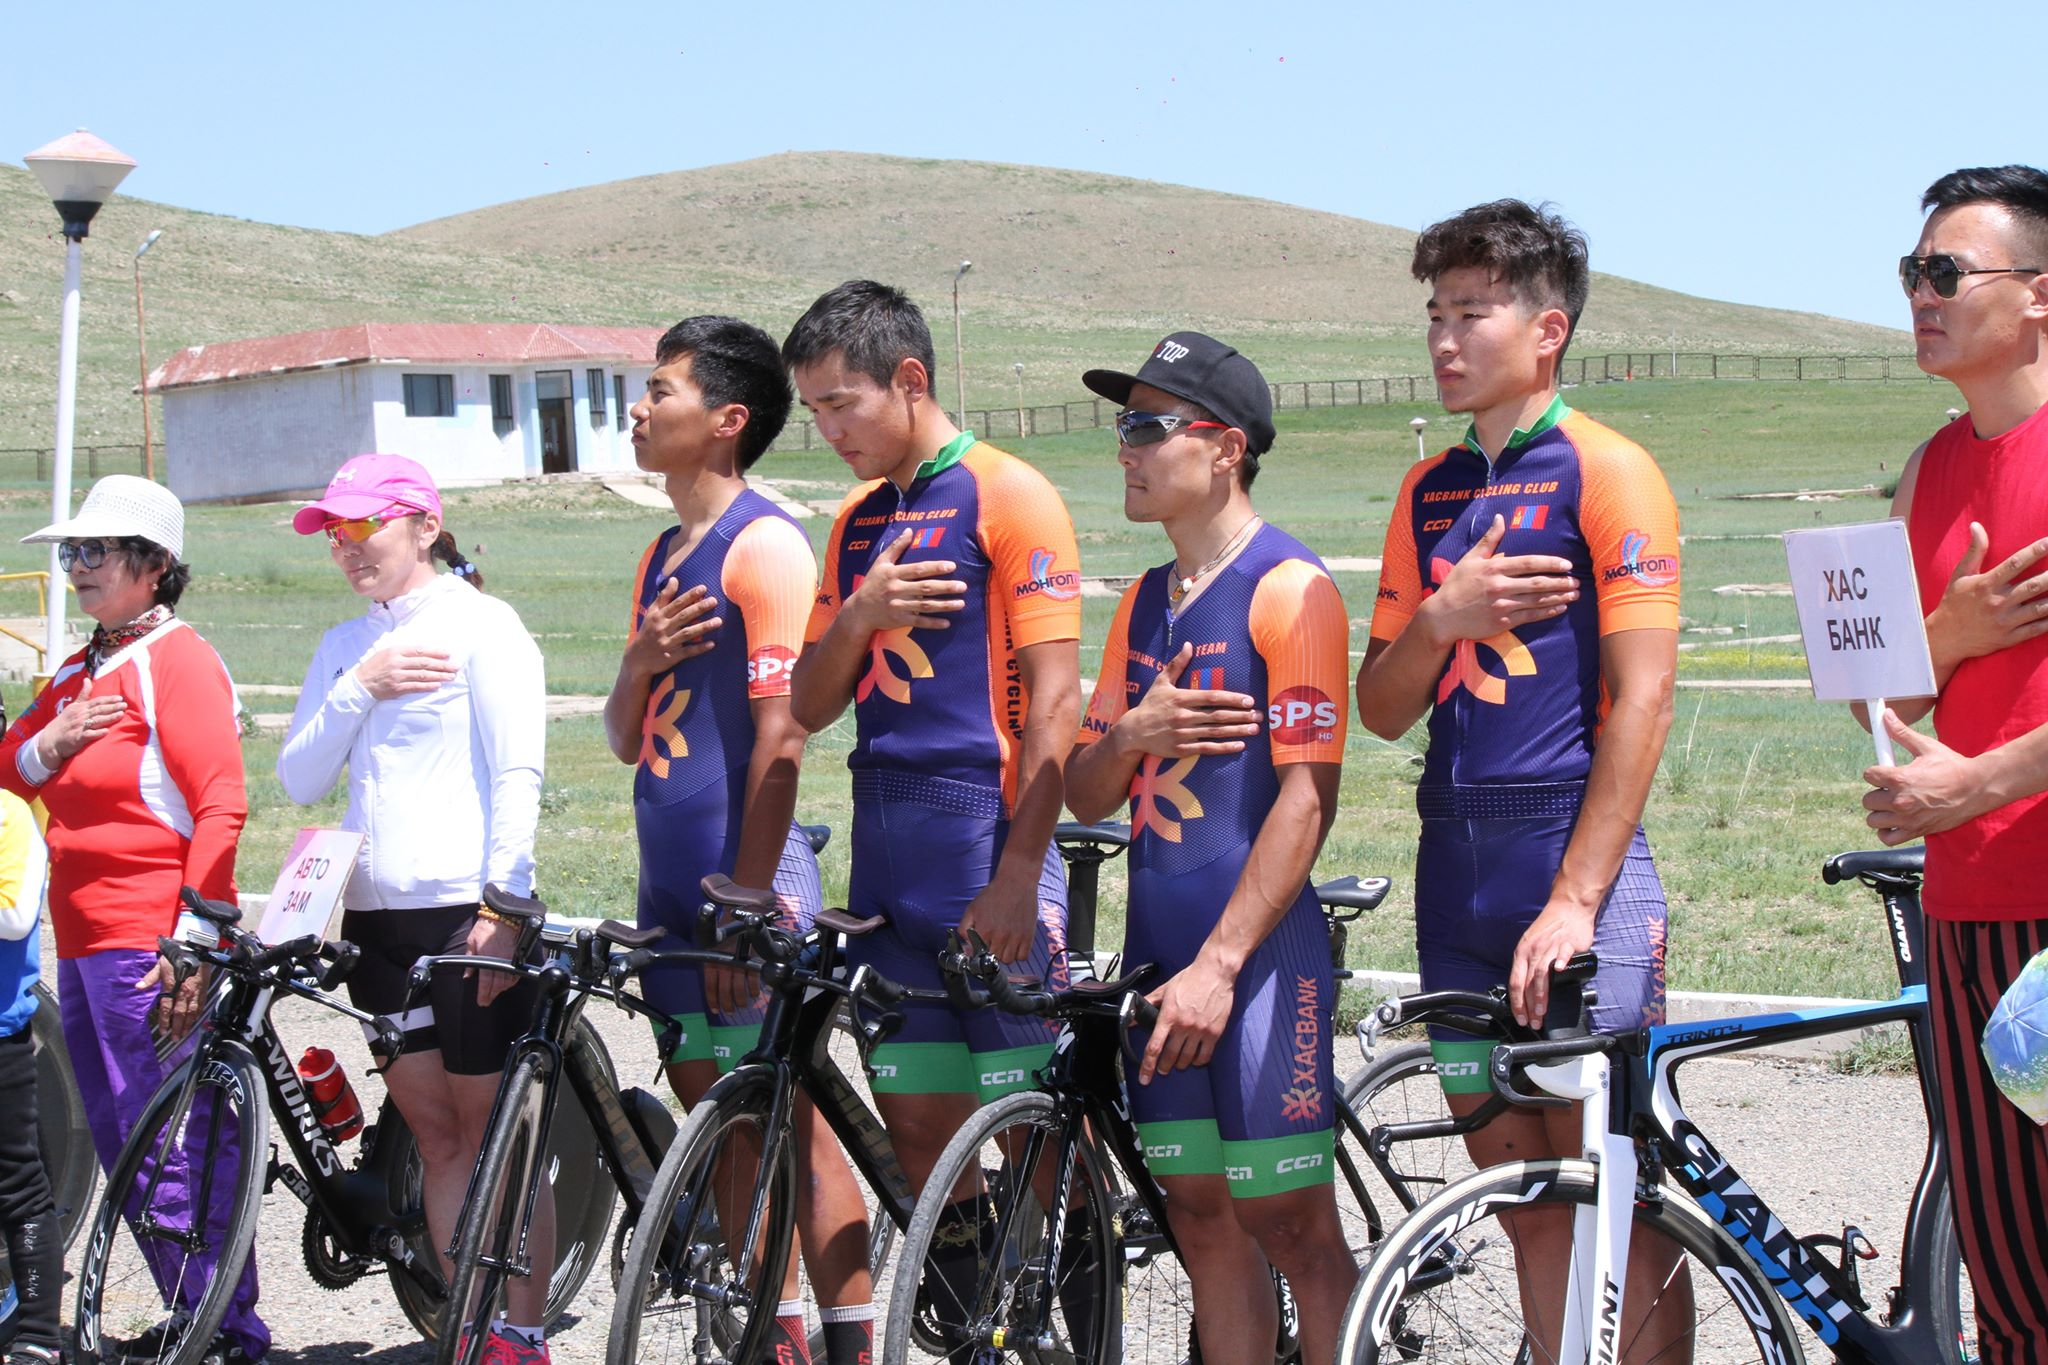 П.Ганхүү: Монголчууд дугуйн спортод амжилт гаргах боломж, ирээдүй бий